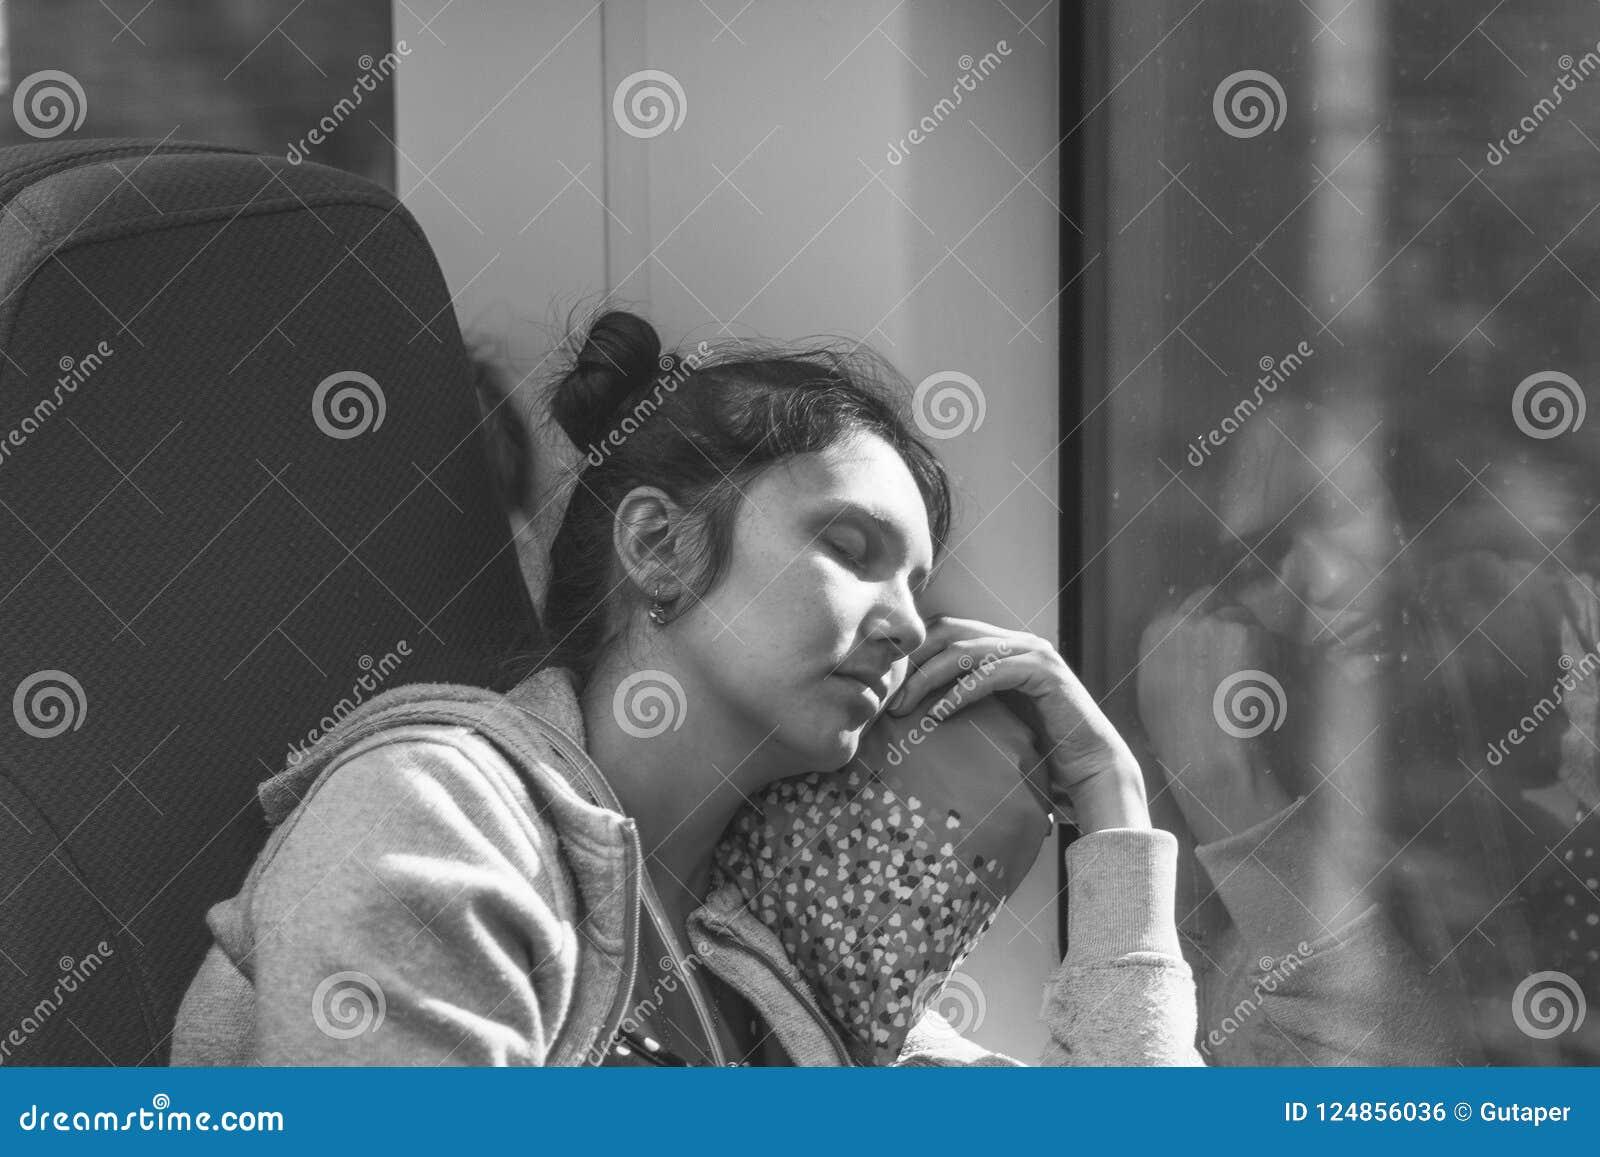 De slaap jonge vrouw die in hoge snelheids elektrische trein Lastochka berijden in de zomer, zwart-witte foto